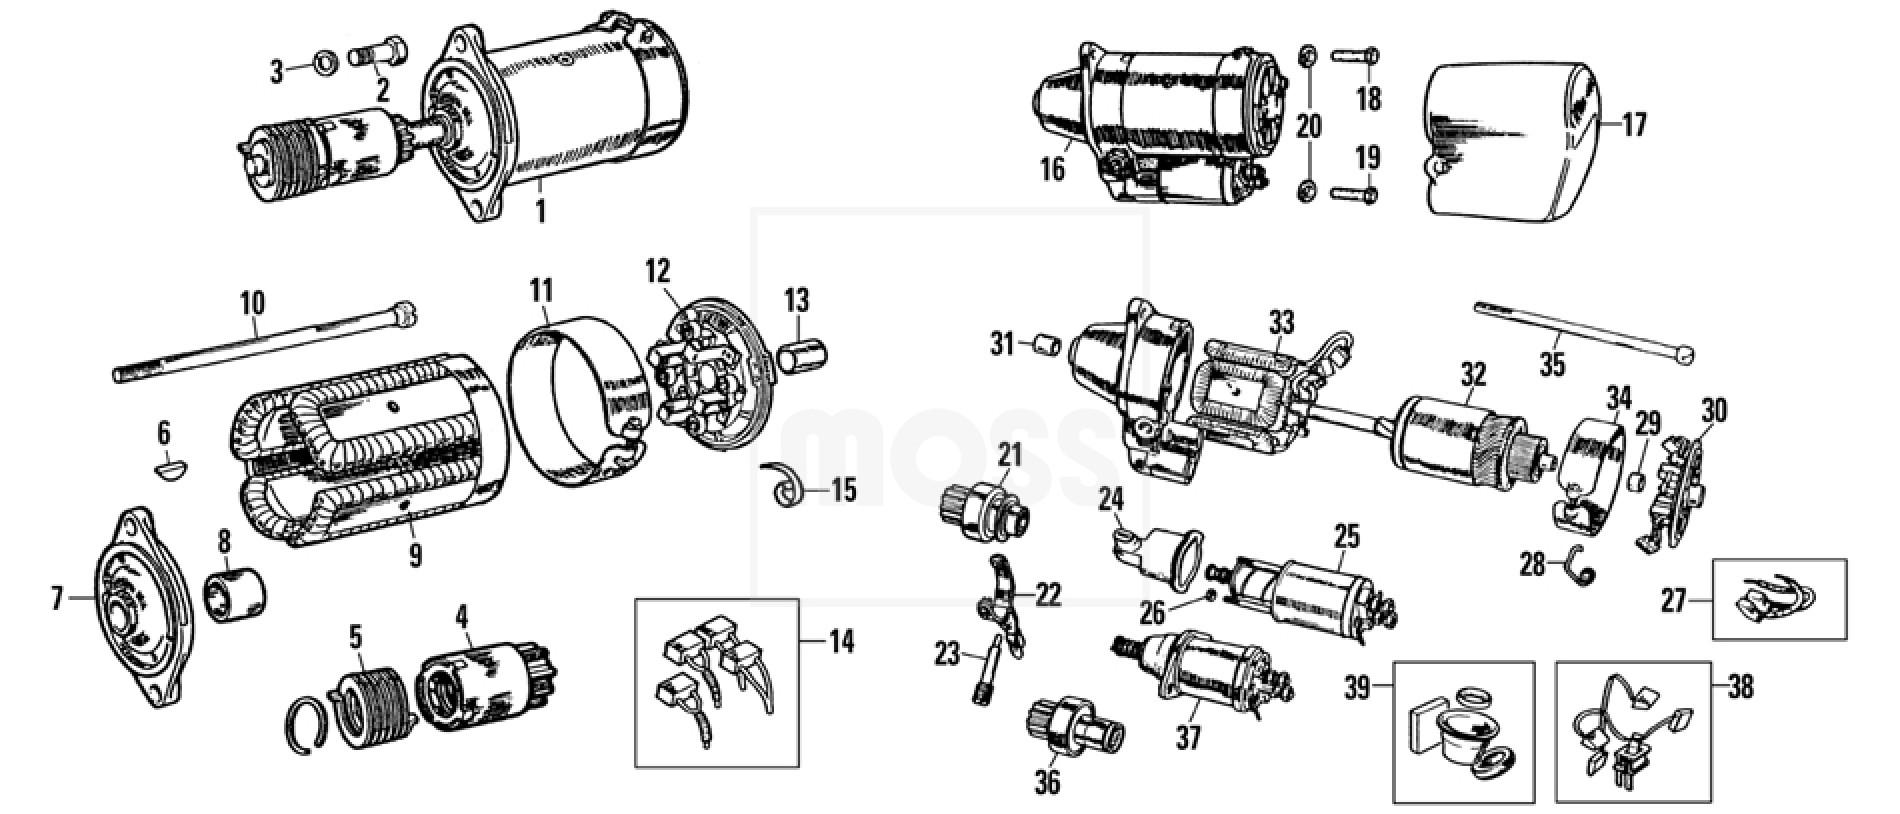 Mazda 6 Wiring Diagram Europe